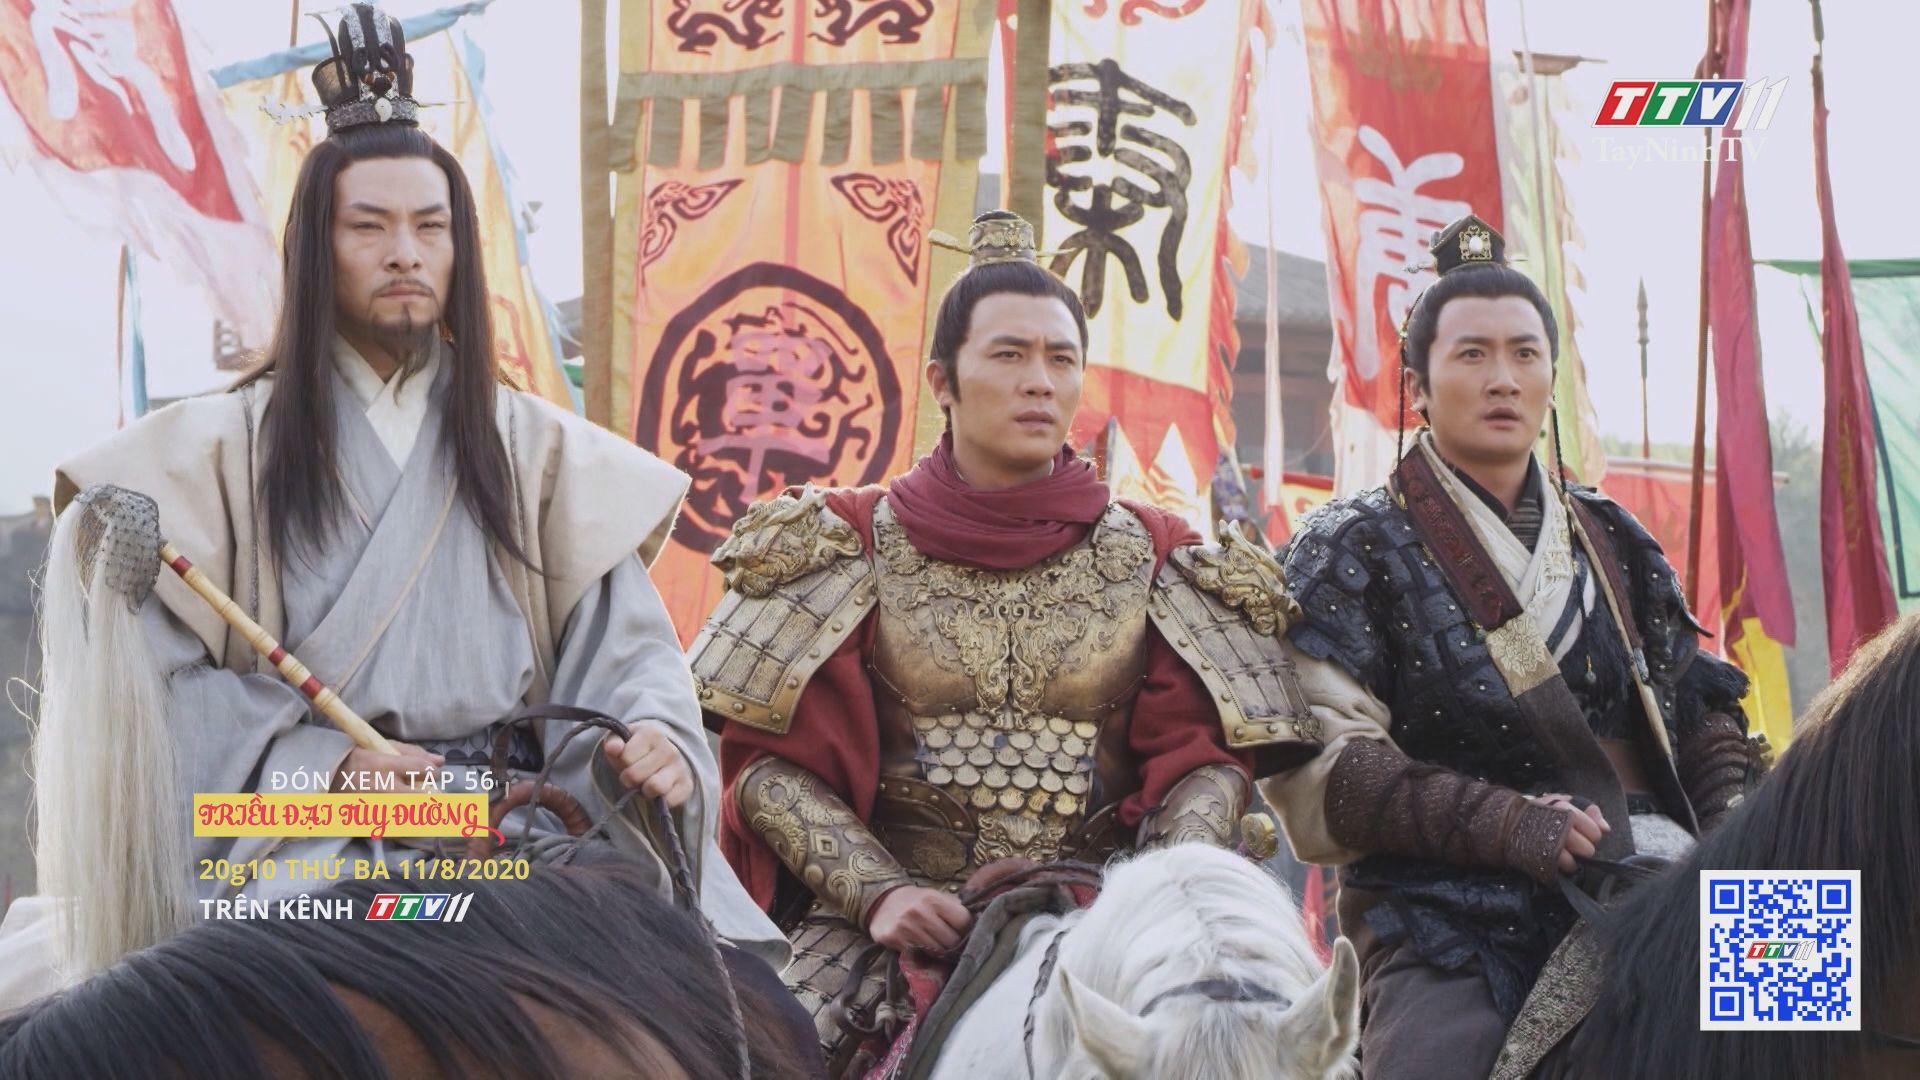 Triều đại Tùy Đường - TẬP 56 trailer   TRIỀU ĐẠI TÙY ĐƯỜNG   TayNinhTV